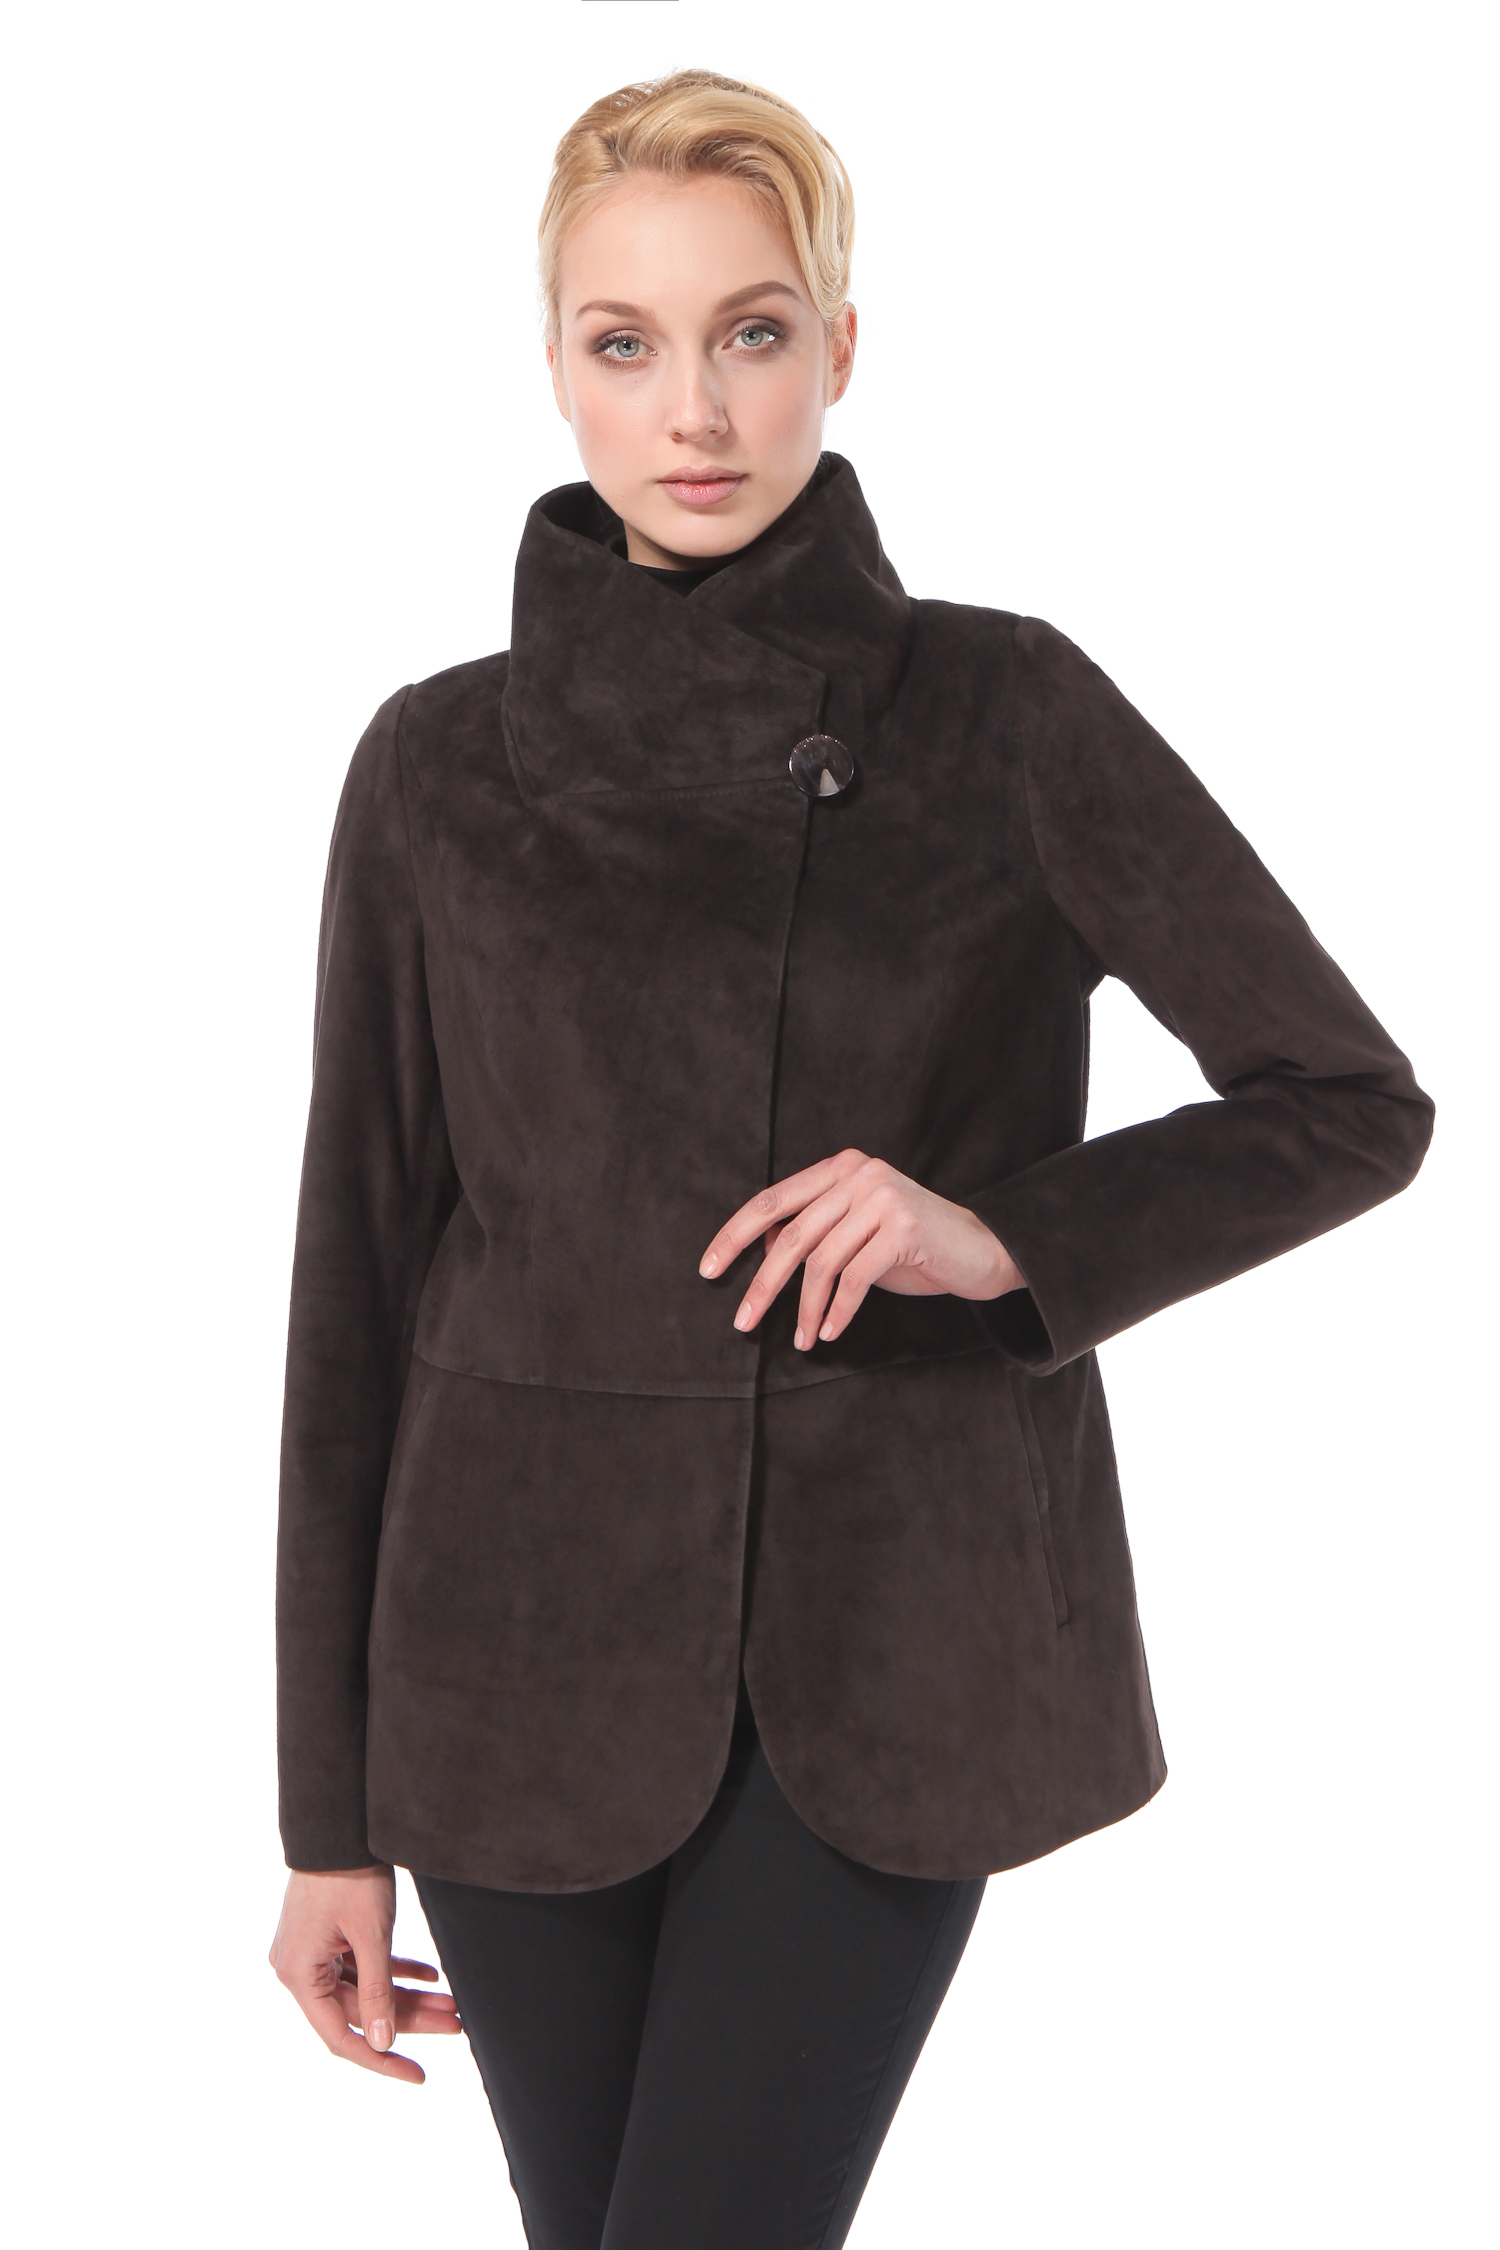 Женская кожаная куртка из натуральной замши с воротником, без отделки<br><br>Воротник: стойка<br>Длина см: Короткая (51-74 )<br>Материал: Замша<br>Цвет: коричневый<br>Пол: Женский<br>Размер RU: 52